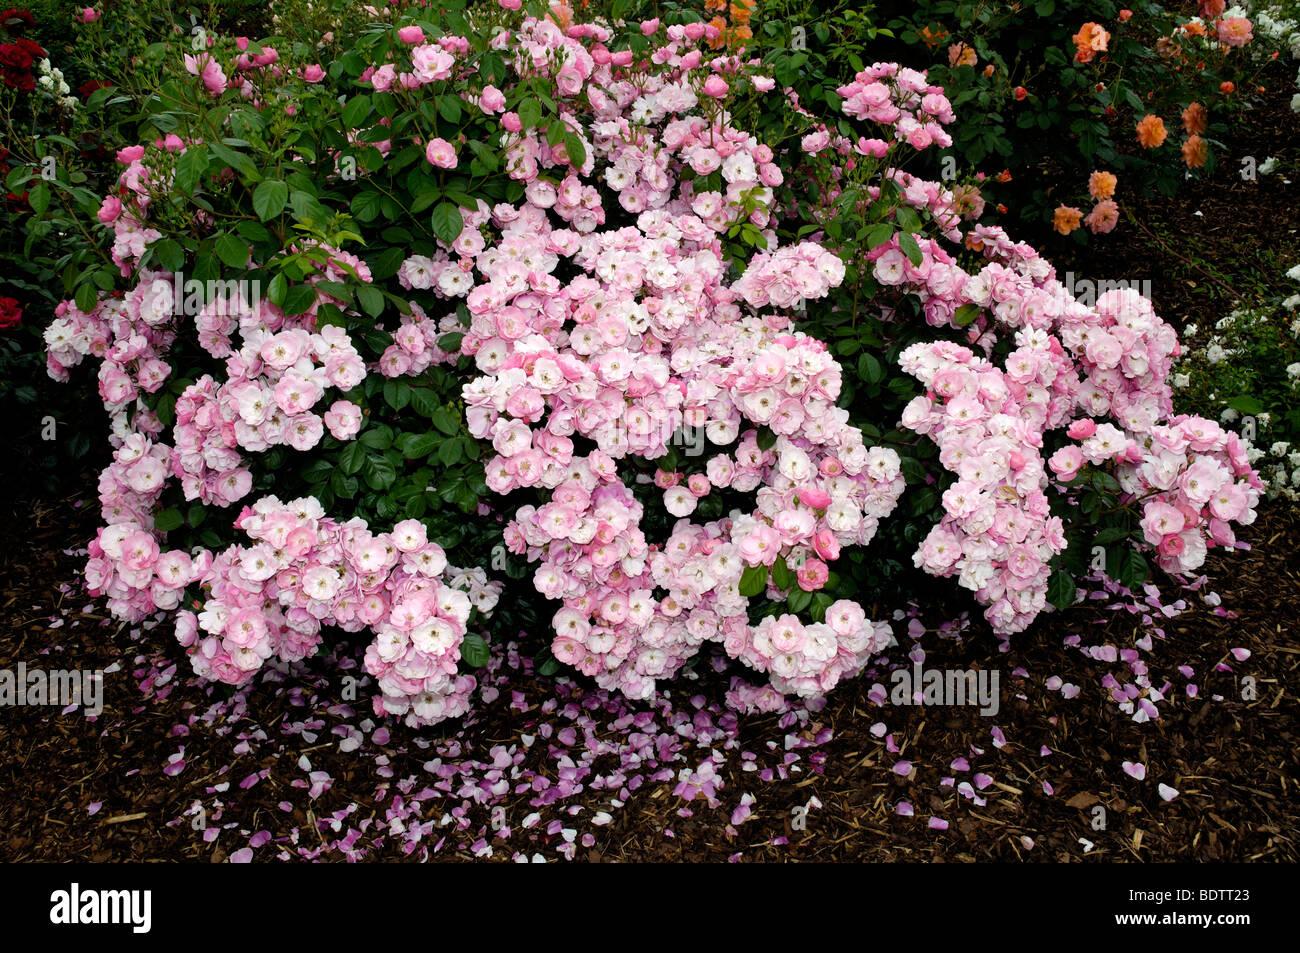 Rosa ad arbusto, Rosa spec.,Strauchrose Angela Immagini Stock